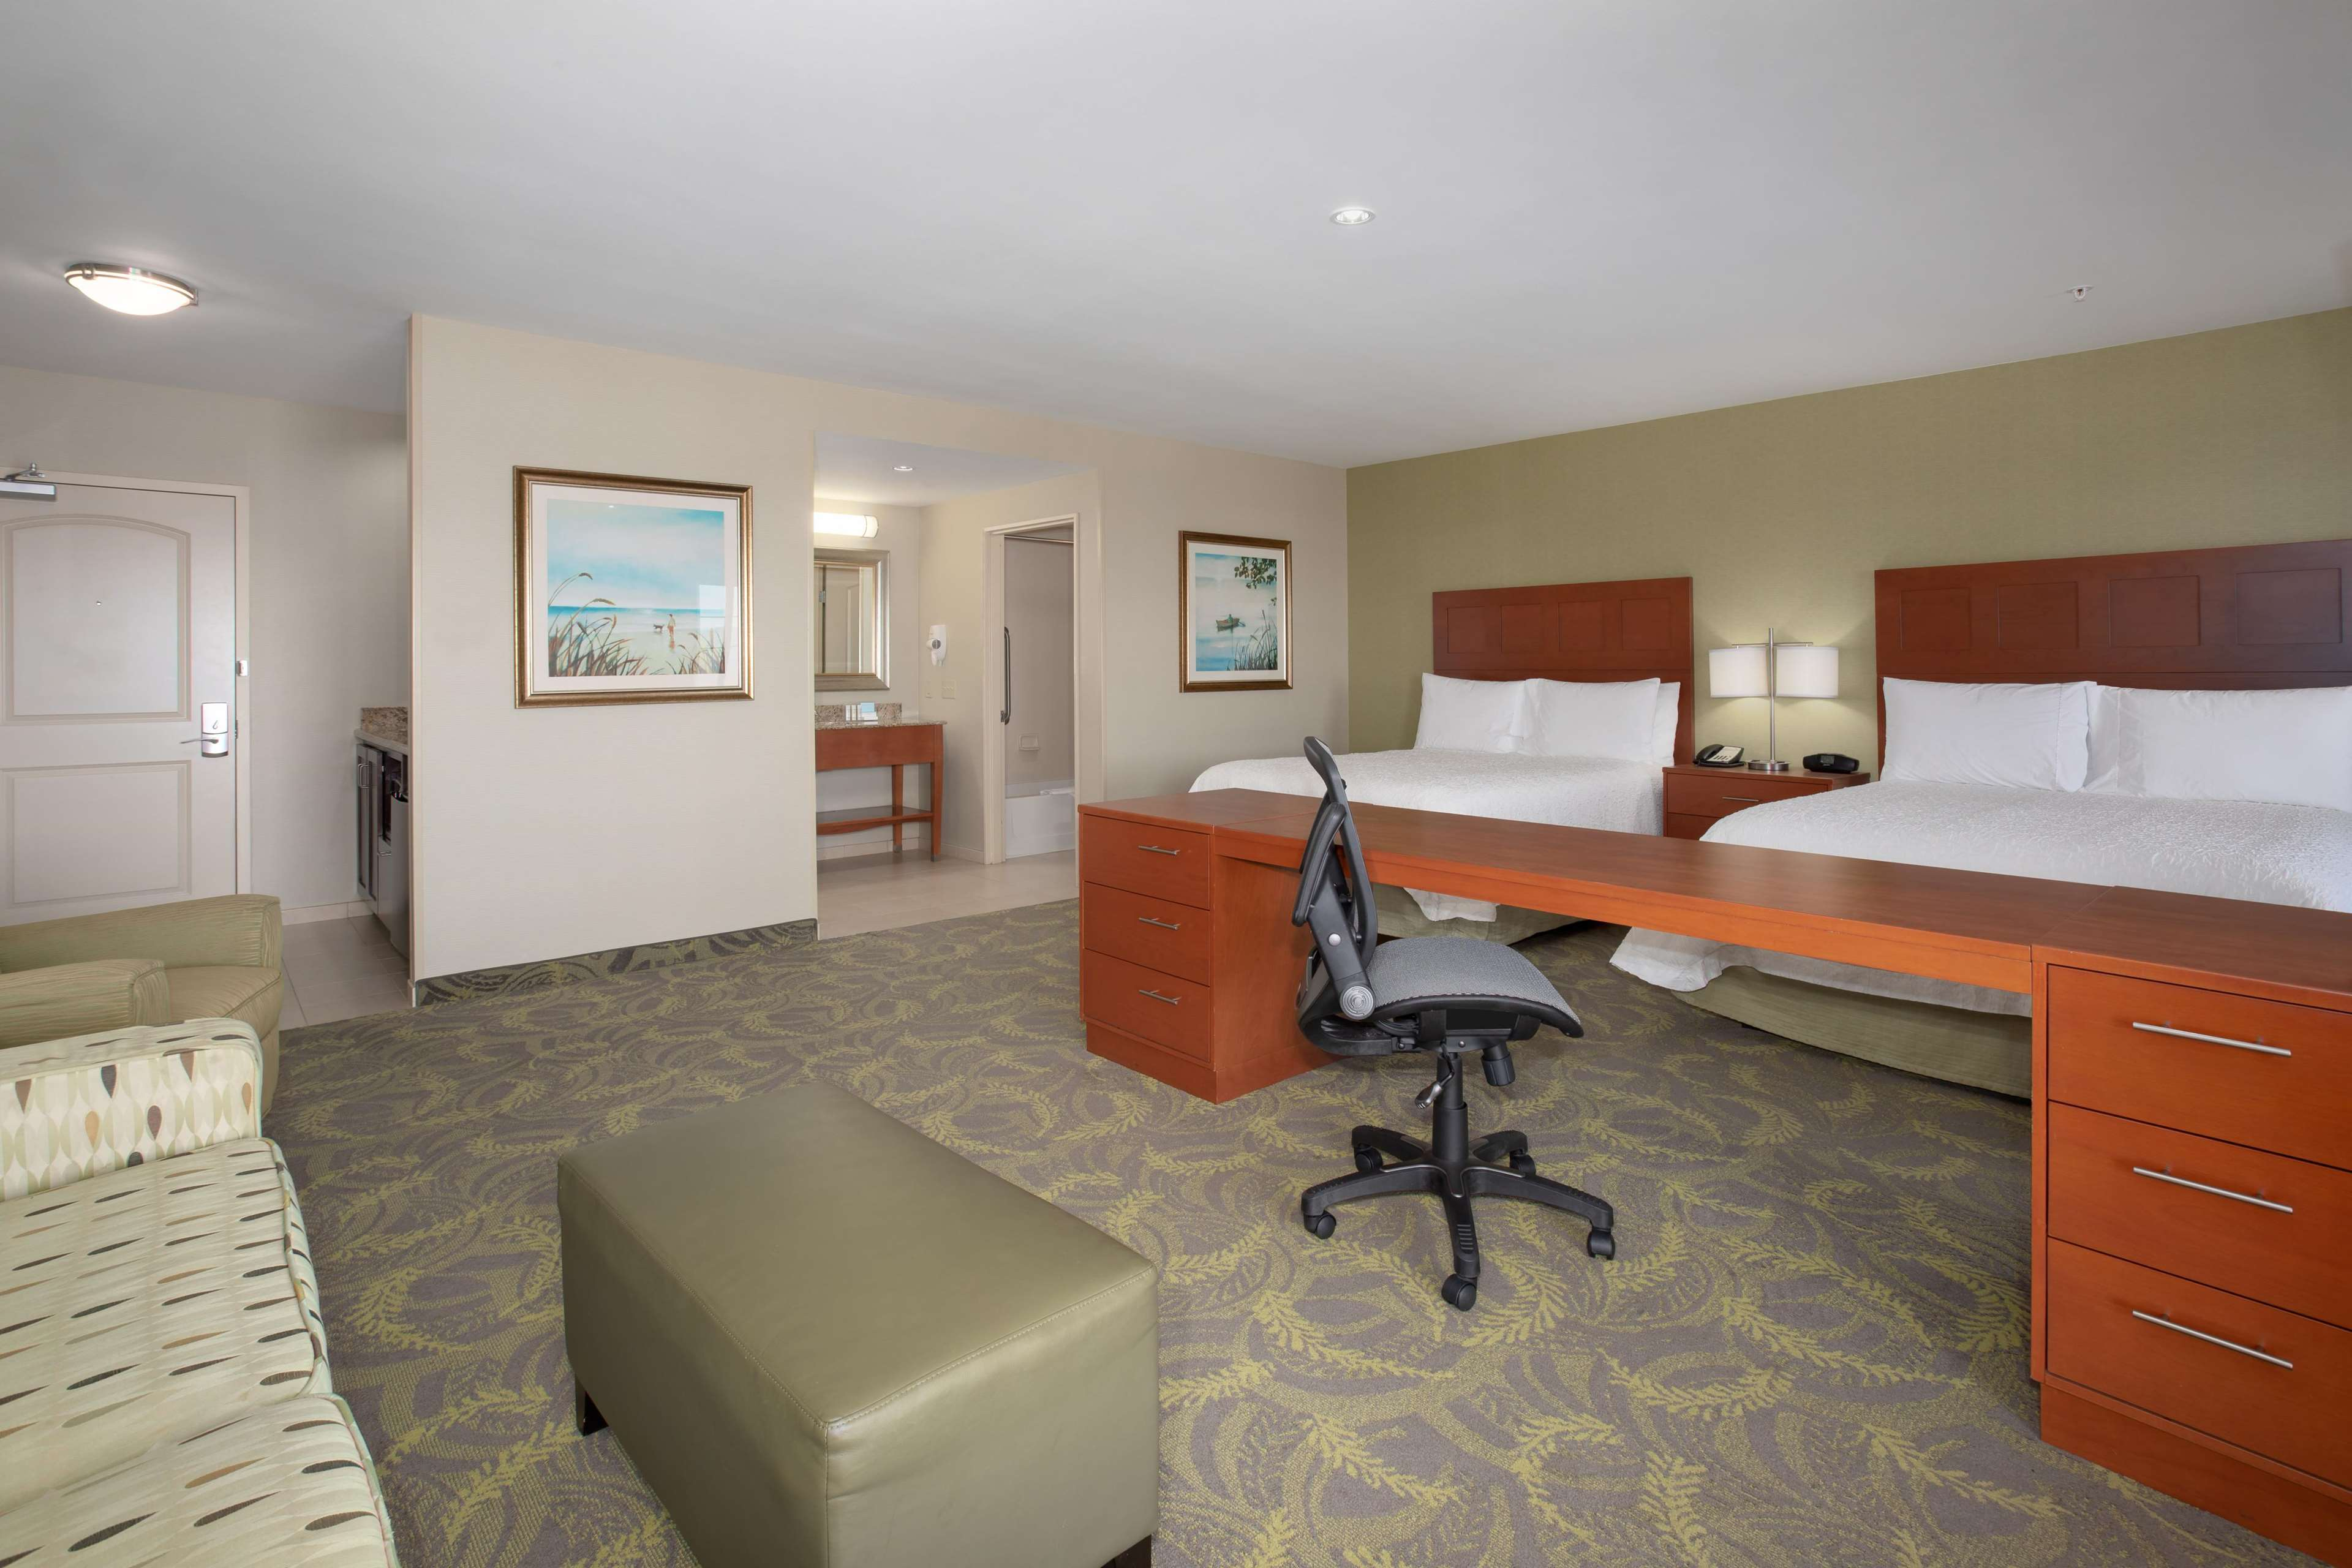 Hampton Inn & Suites Astoria image 14